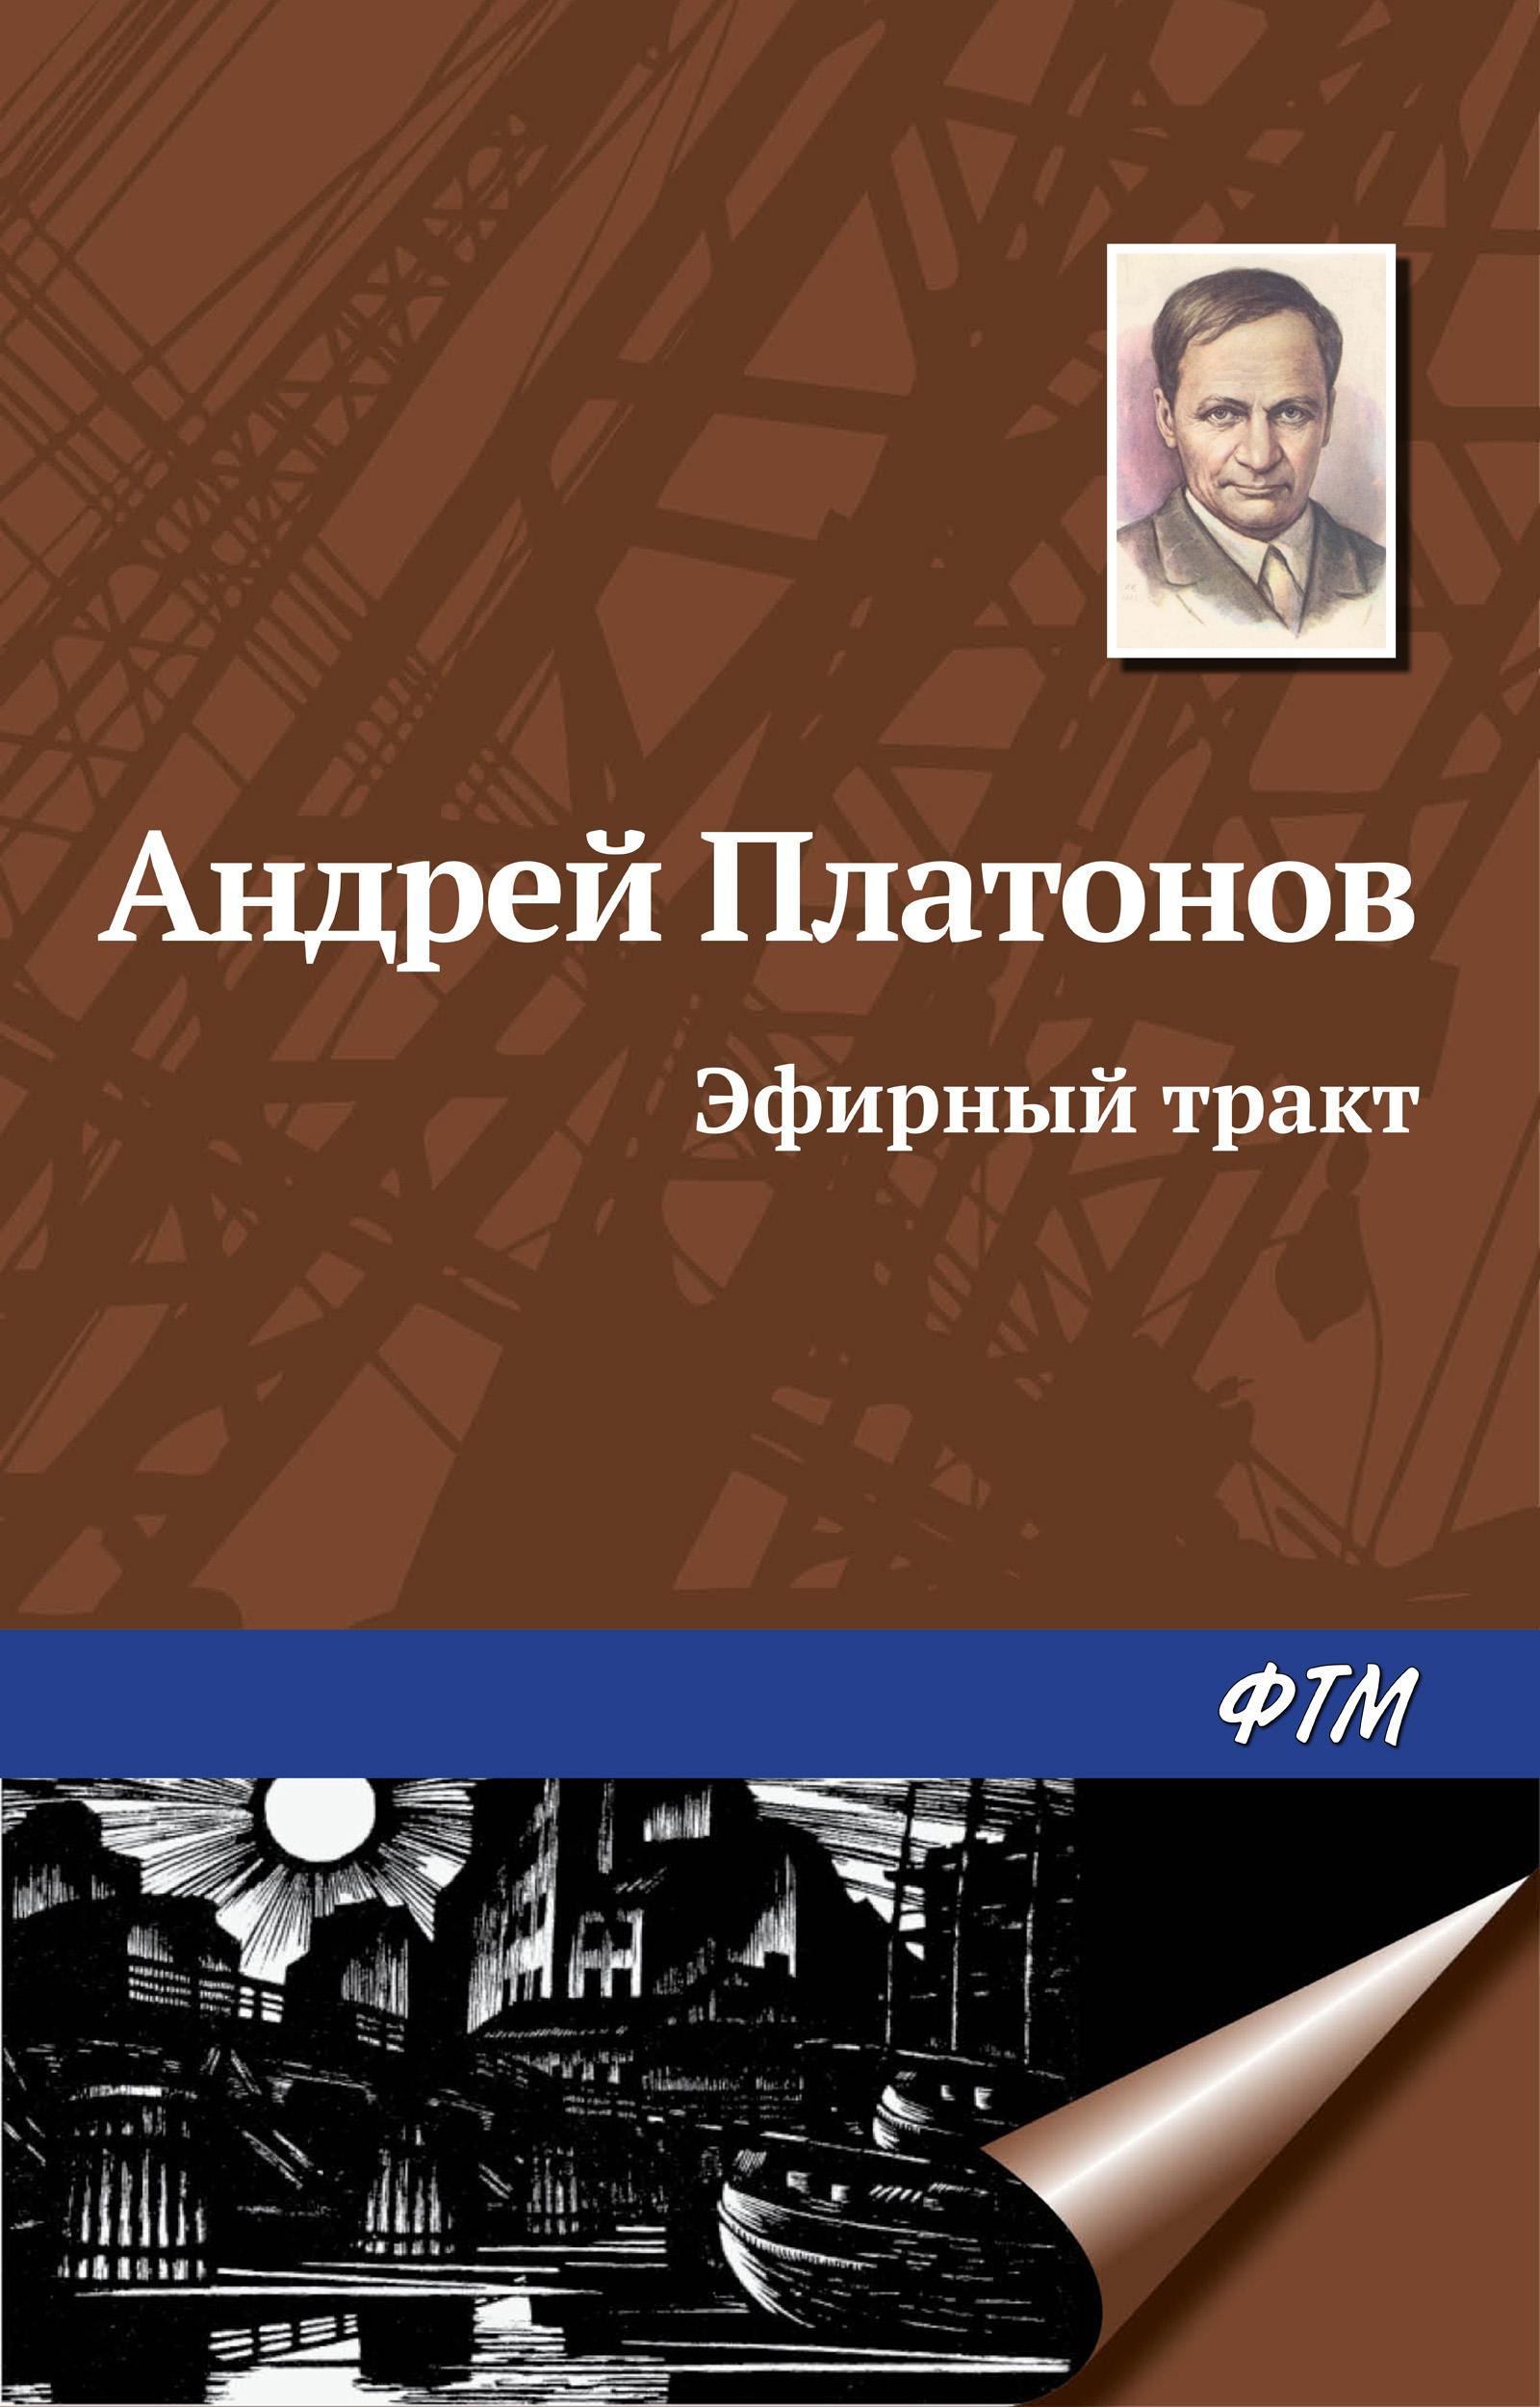 Андрей Платонов Эфирный тракт